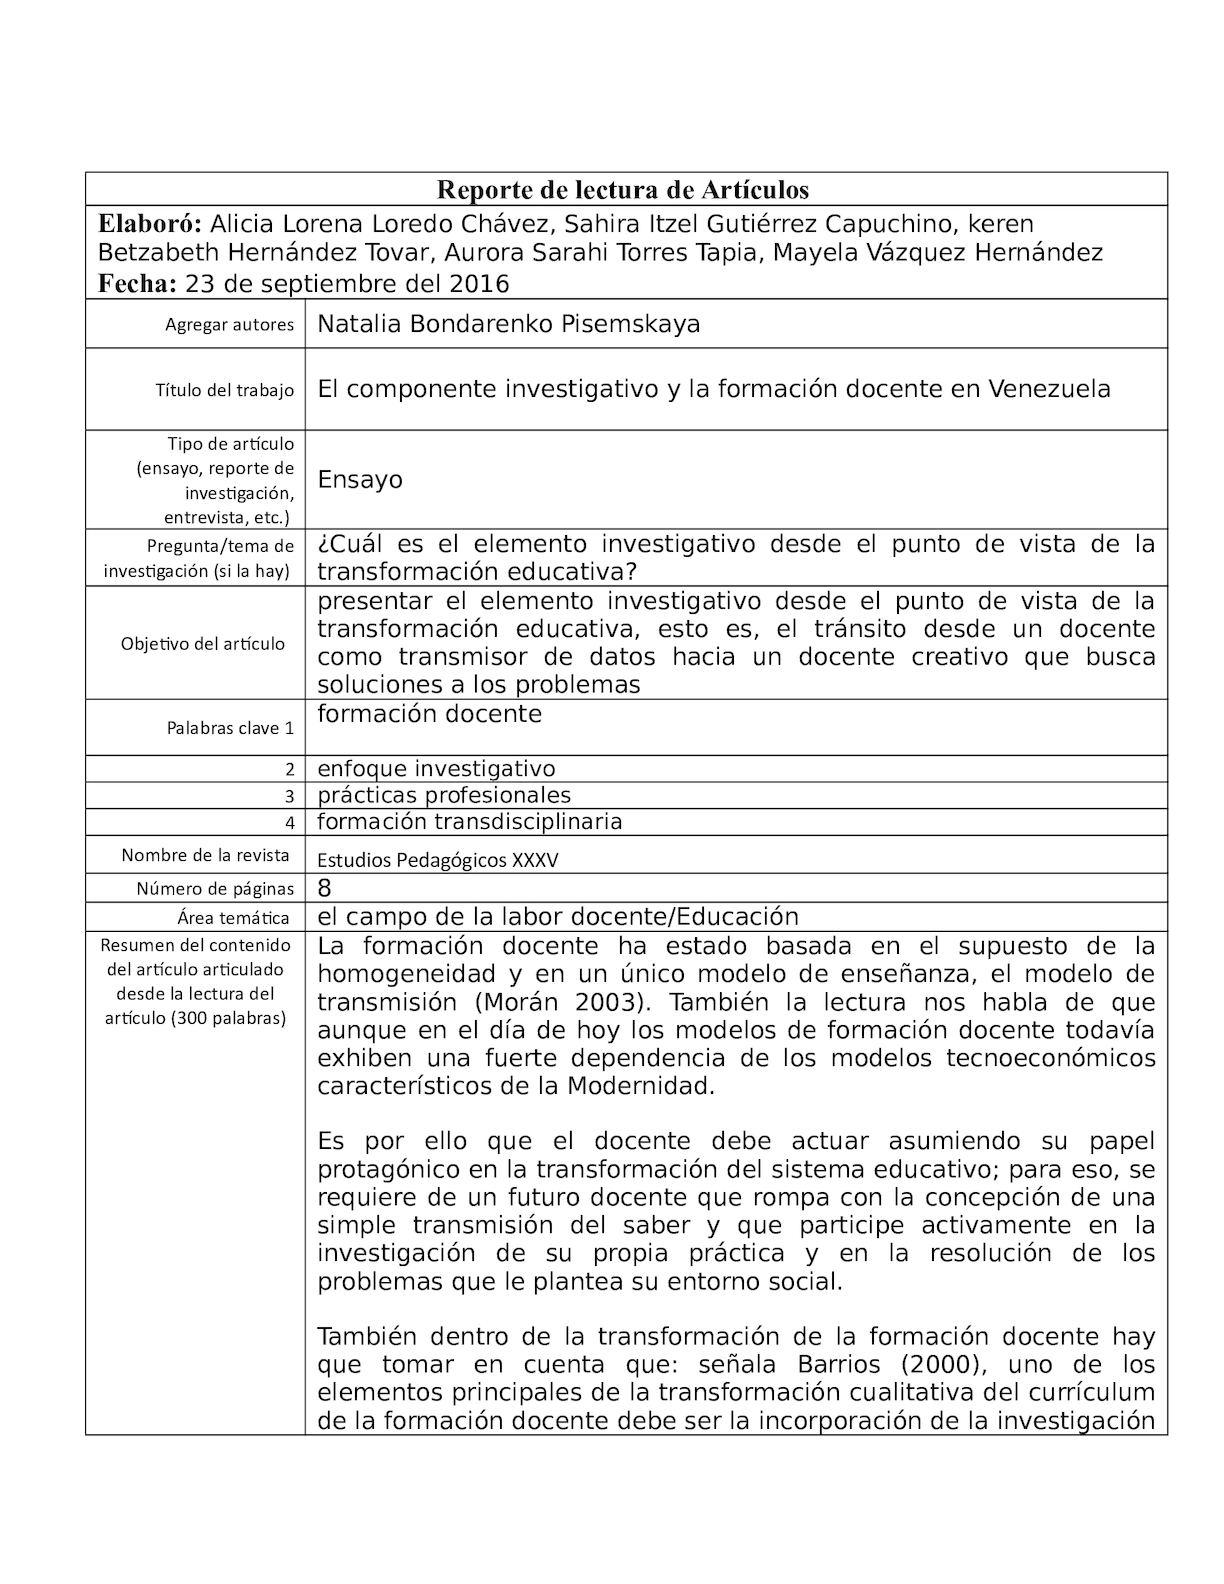 Calaméo - REPORTE DE LECTURA Final 2